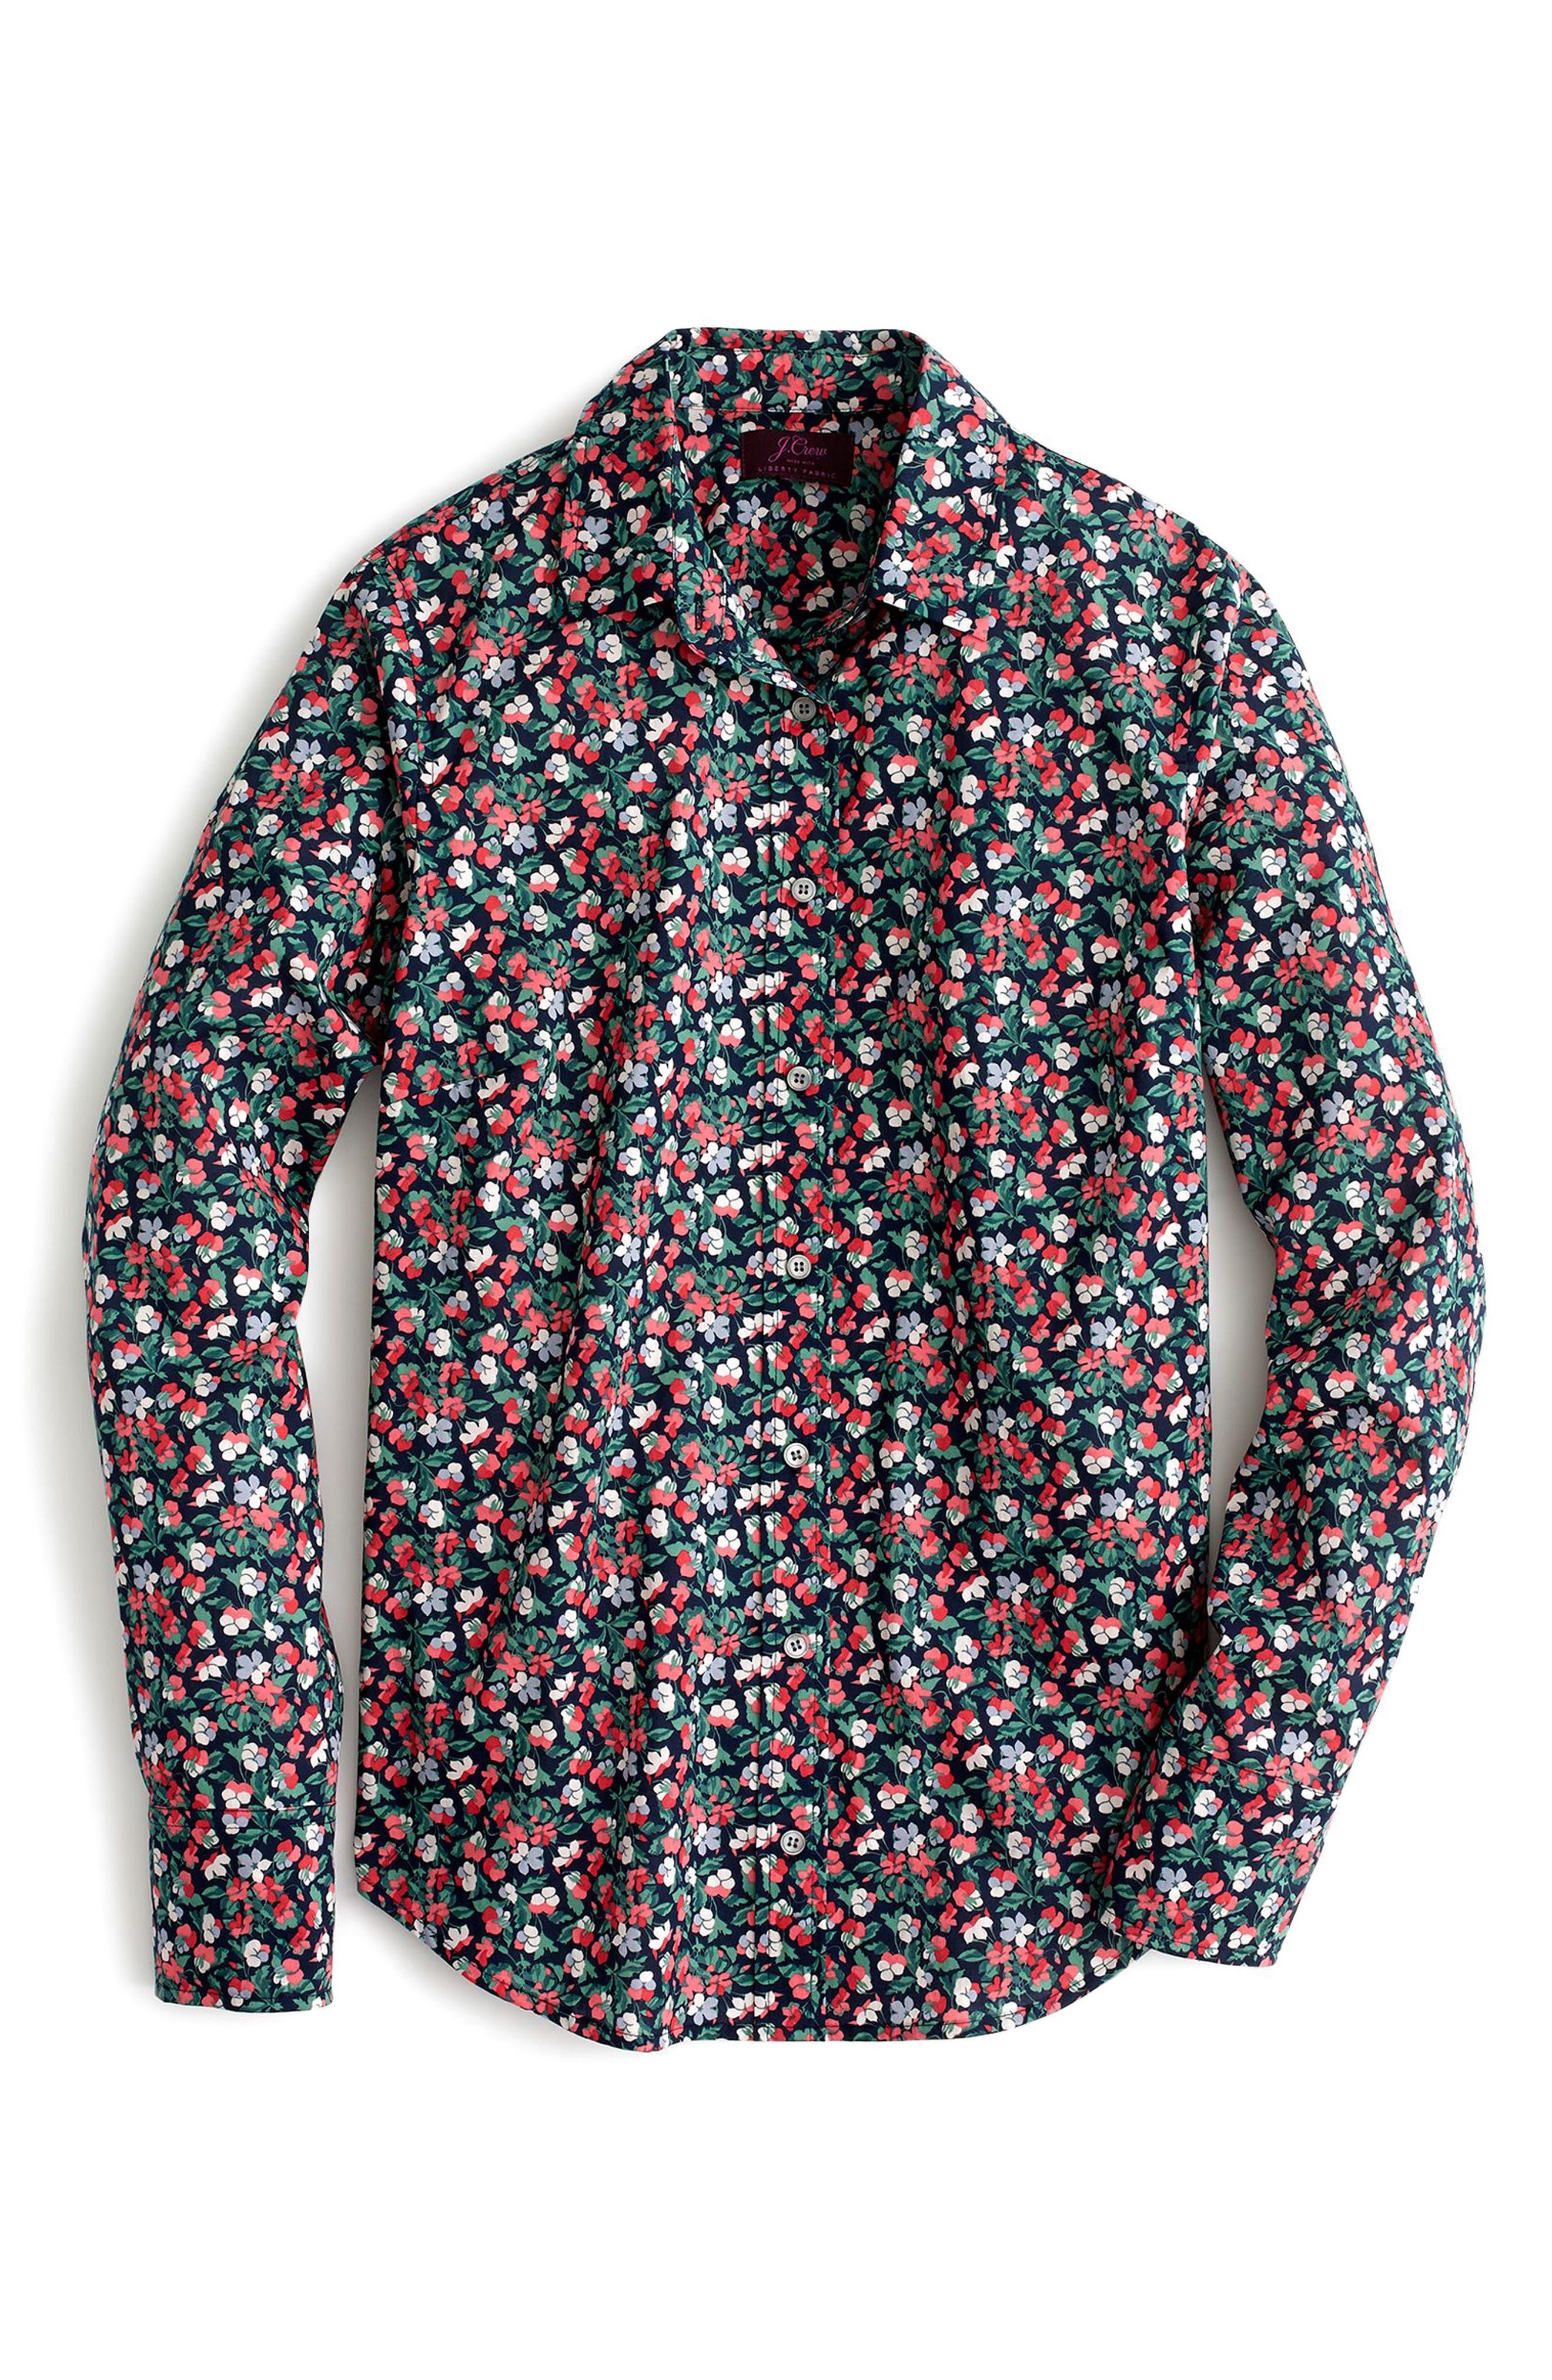 Sarah Liberty Perfect Shirt,                             Alternate thumbnail 2, color,                             400